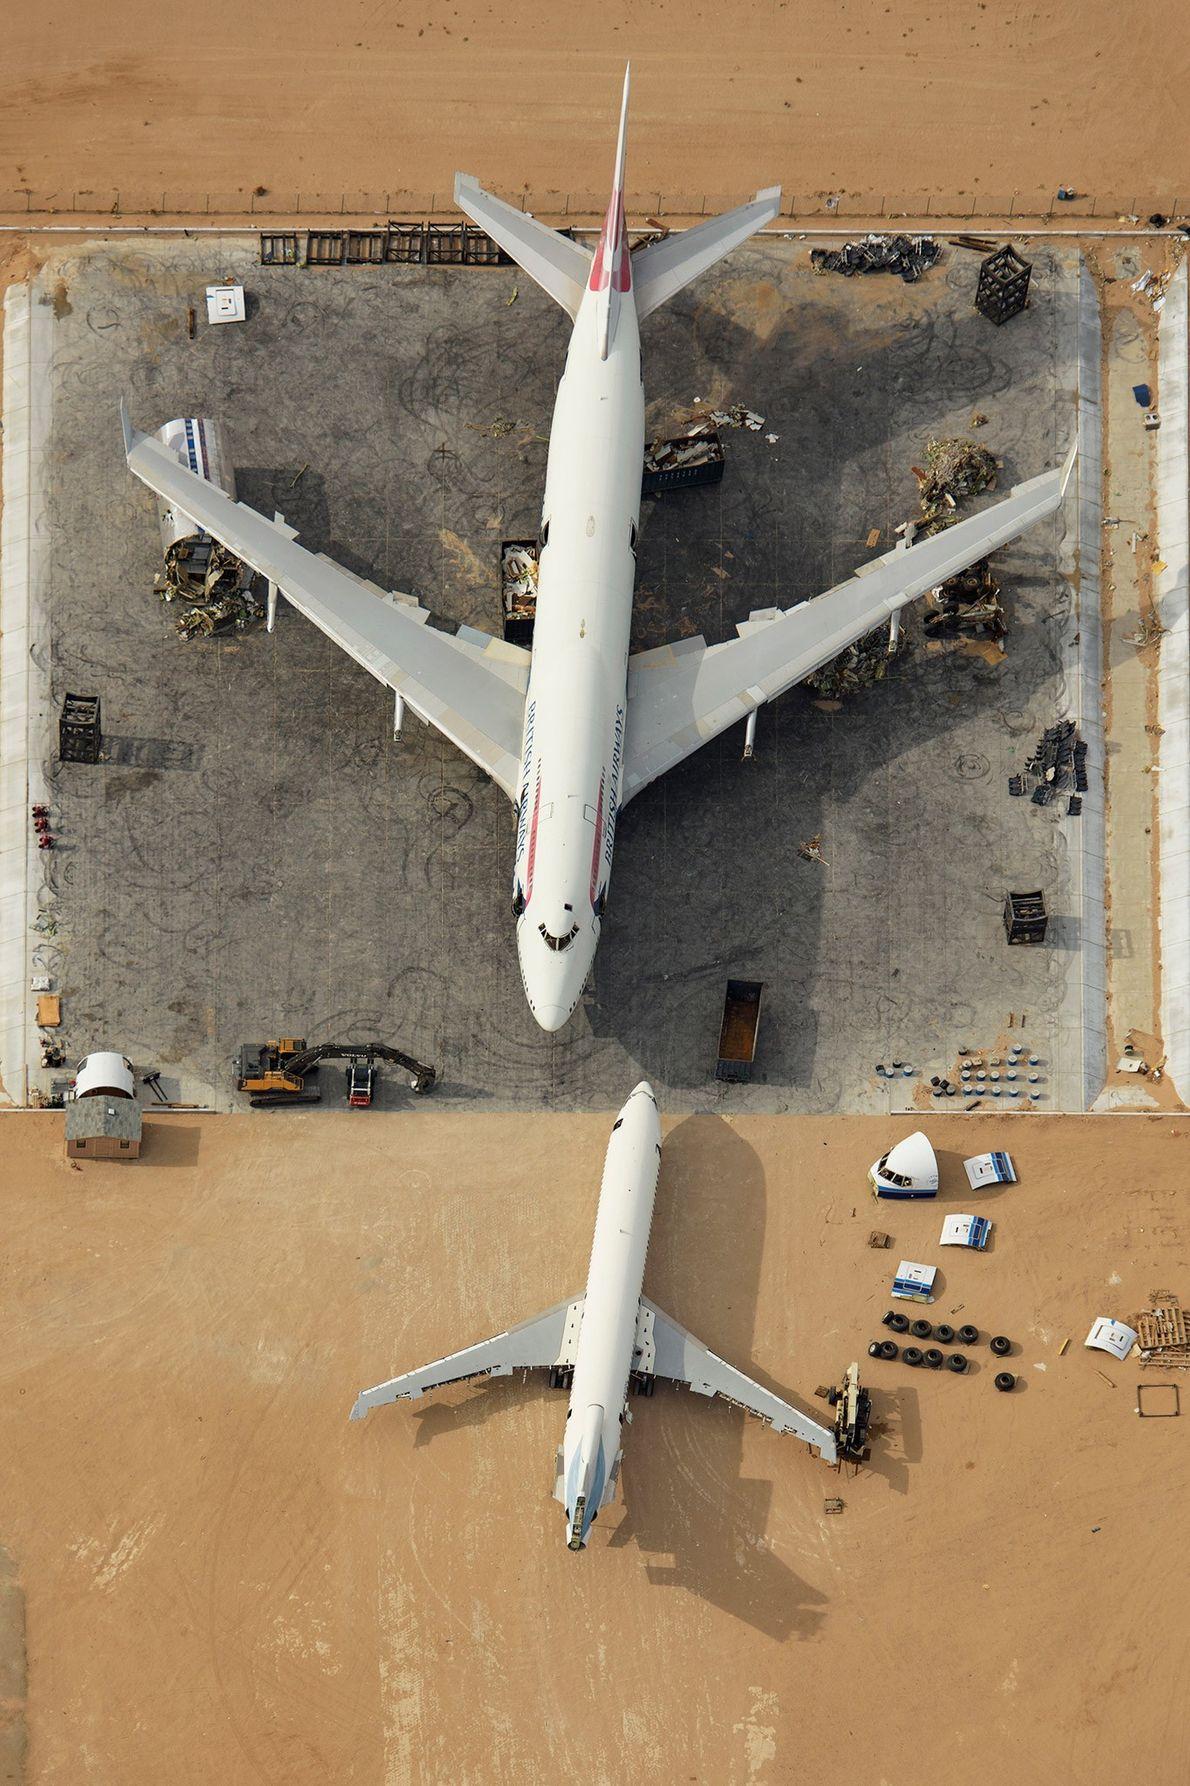 Um Boeing 747 retirado do serviço no cemitério de Logística do Sul da Califórnia. O avião ...